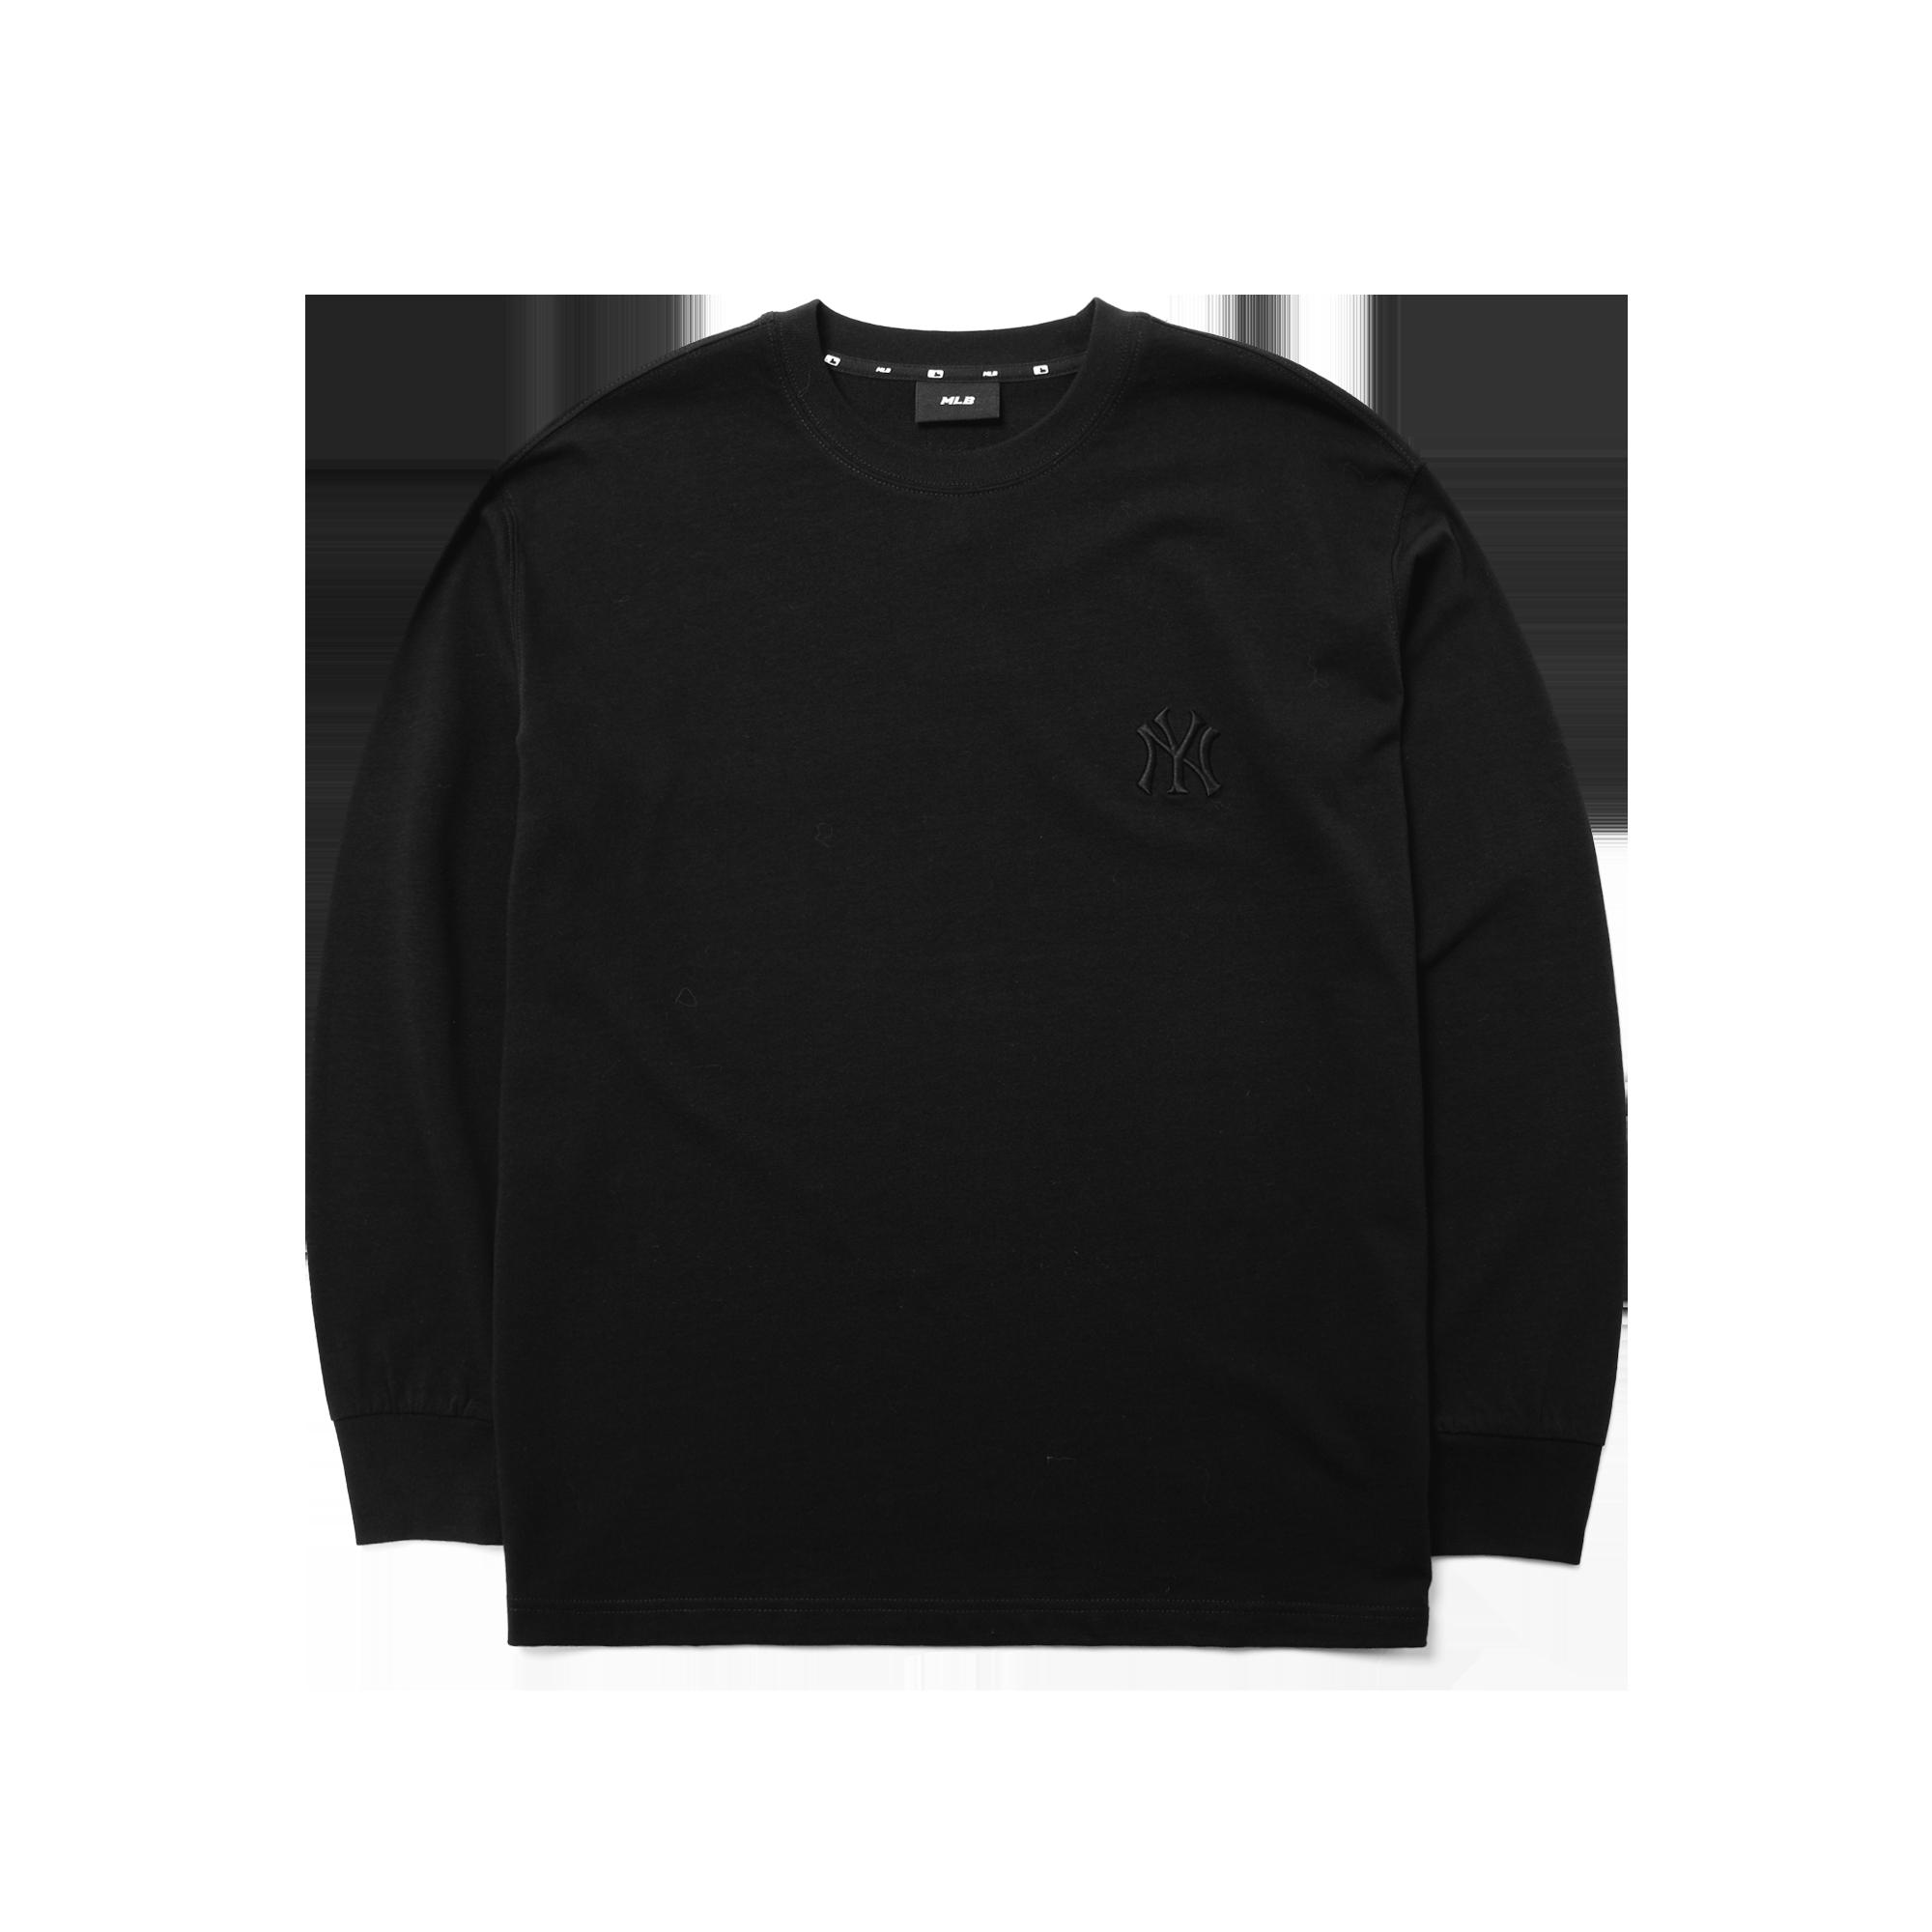 베이직 스몰로고 오버핏 긴팔 티셔츠 뉴욕양키스